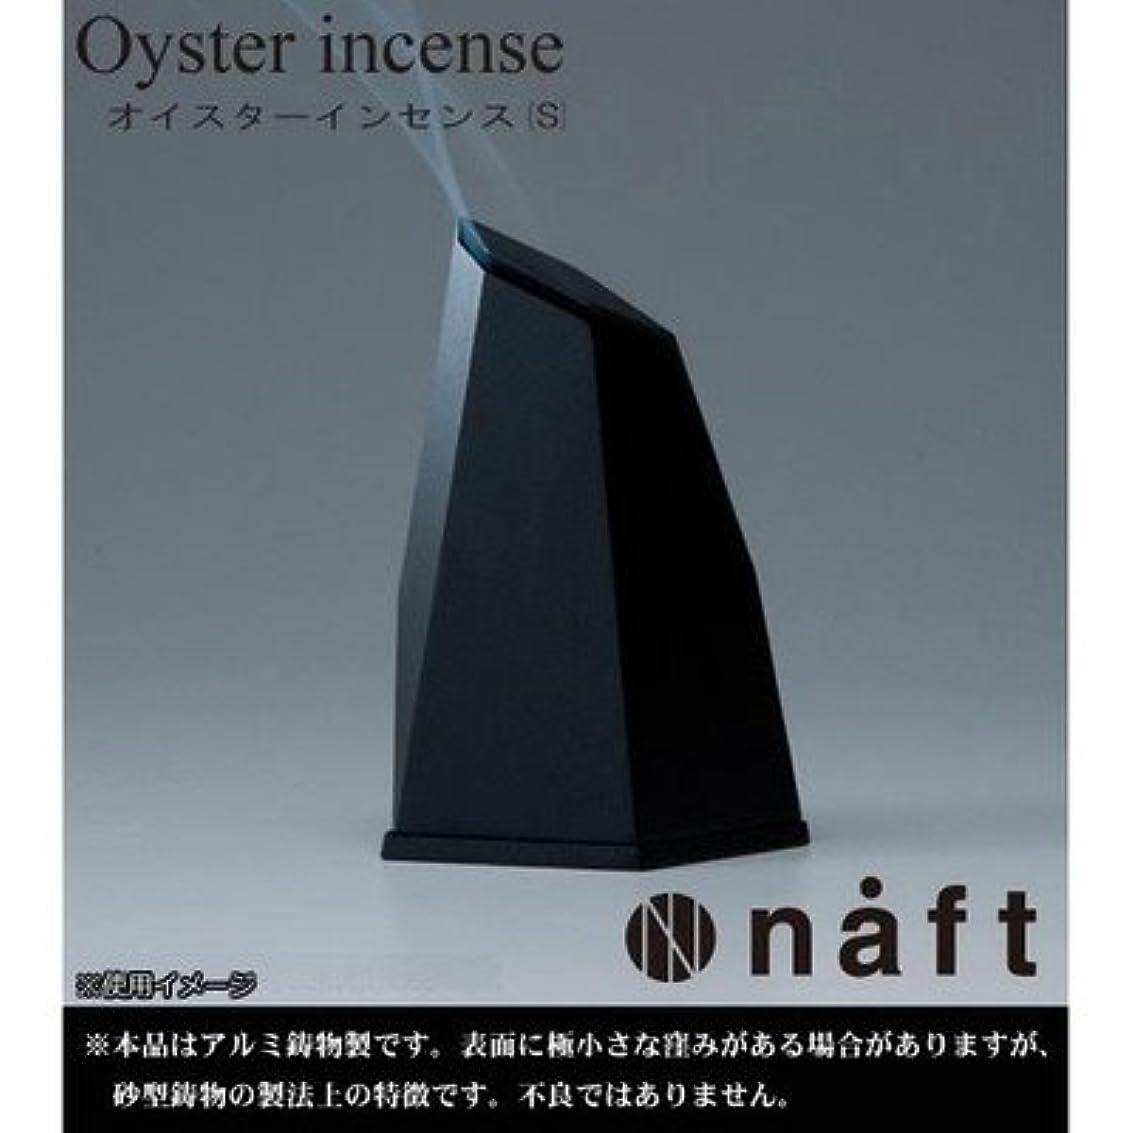 日帰り旅行に亜熱帯判読できないシンプルだけどインパクトのあるフォルム naft Oyster incense オイスターインセンス 香炉 Sサイズ ブラック